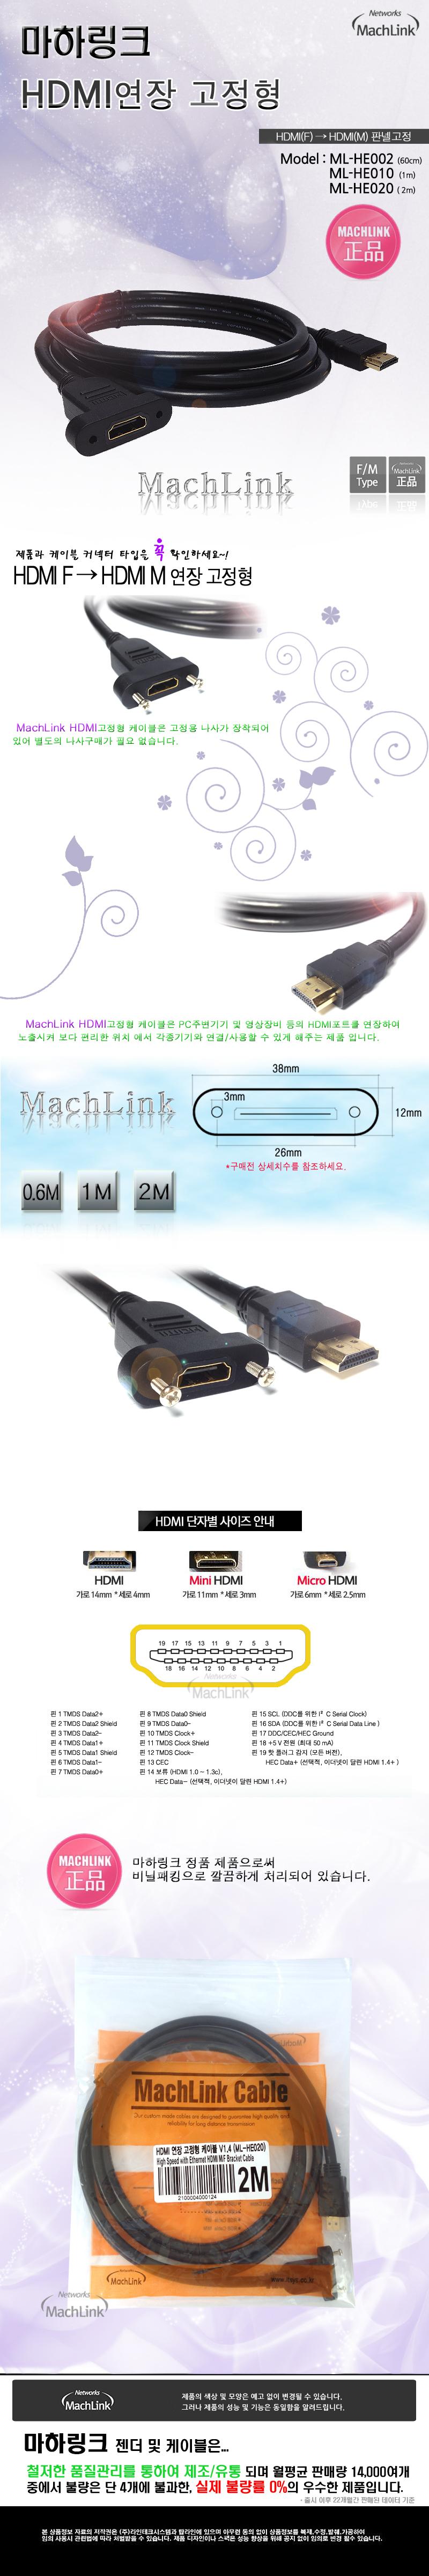 마하링크 HDMI M/F 연장 고정형 케이블 (ML-HE020, 2m)